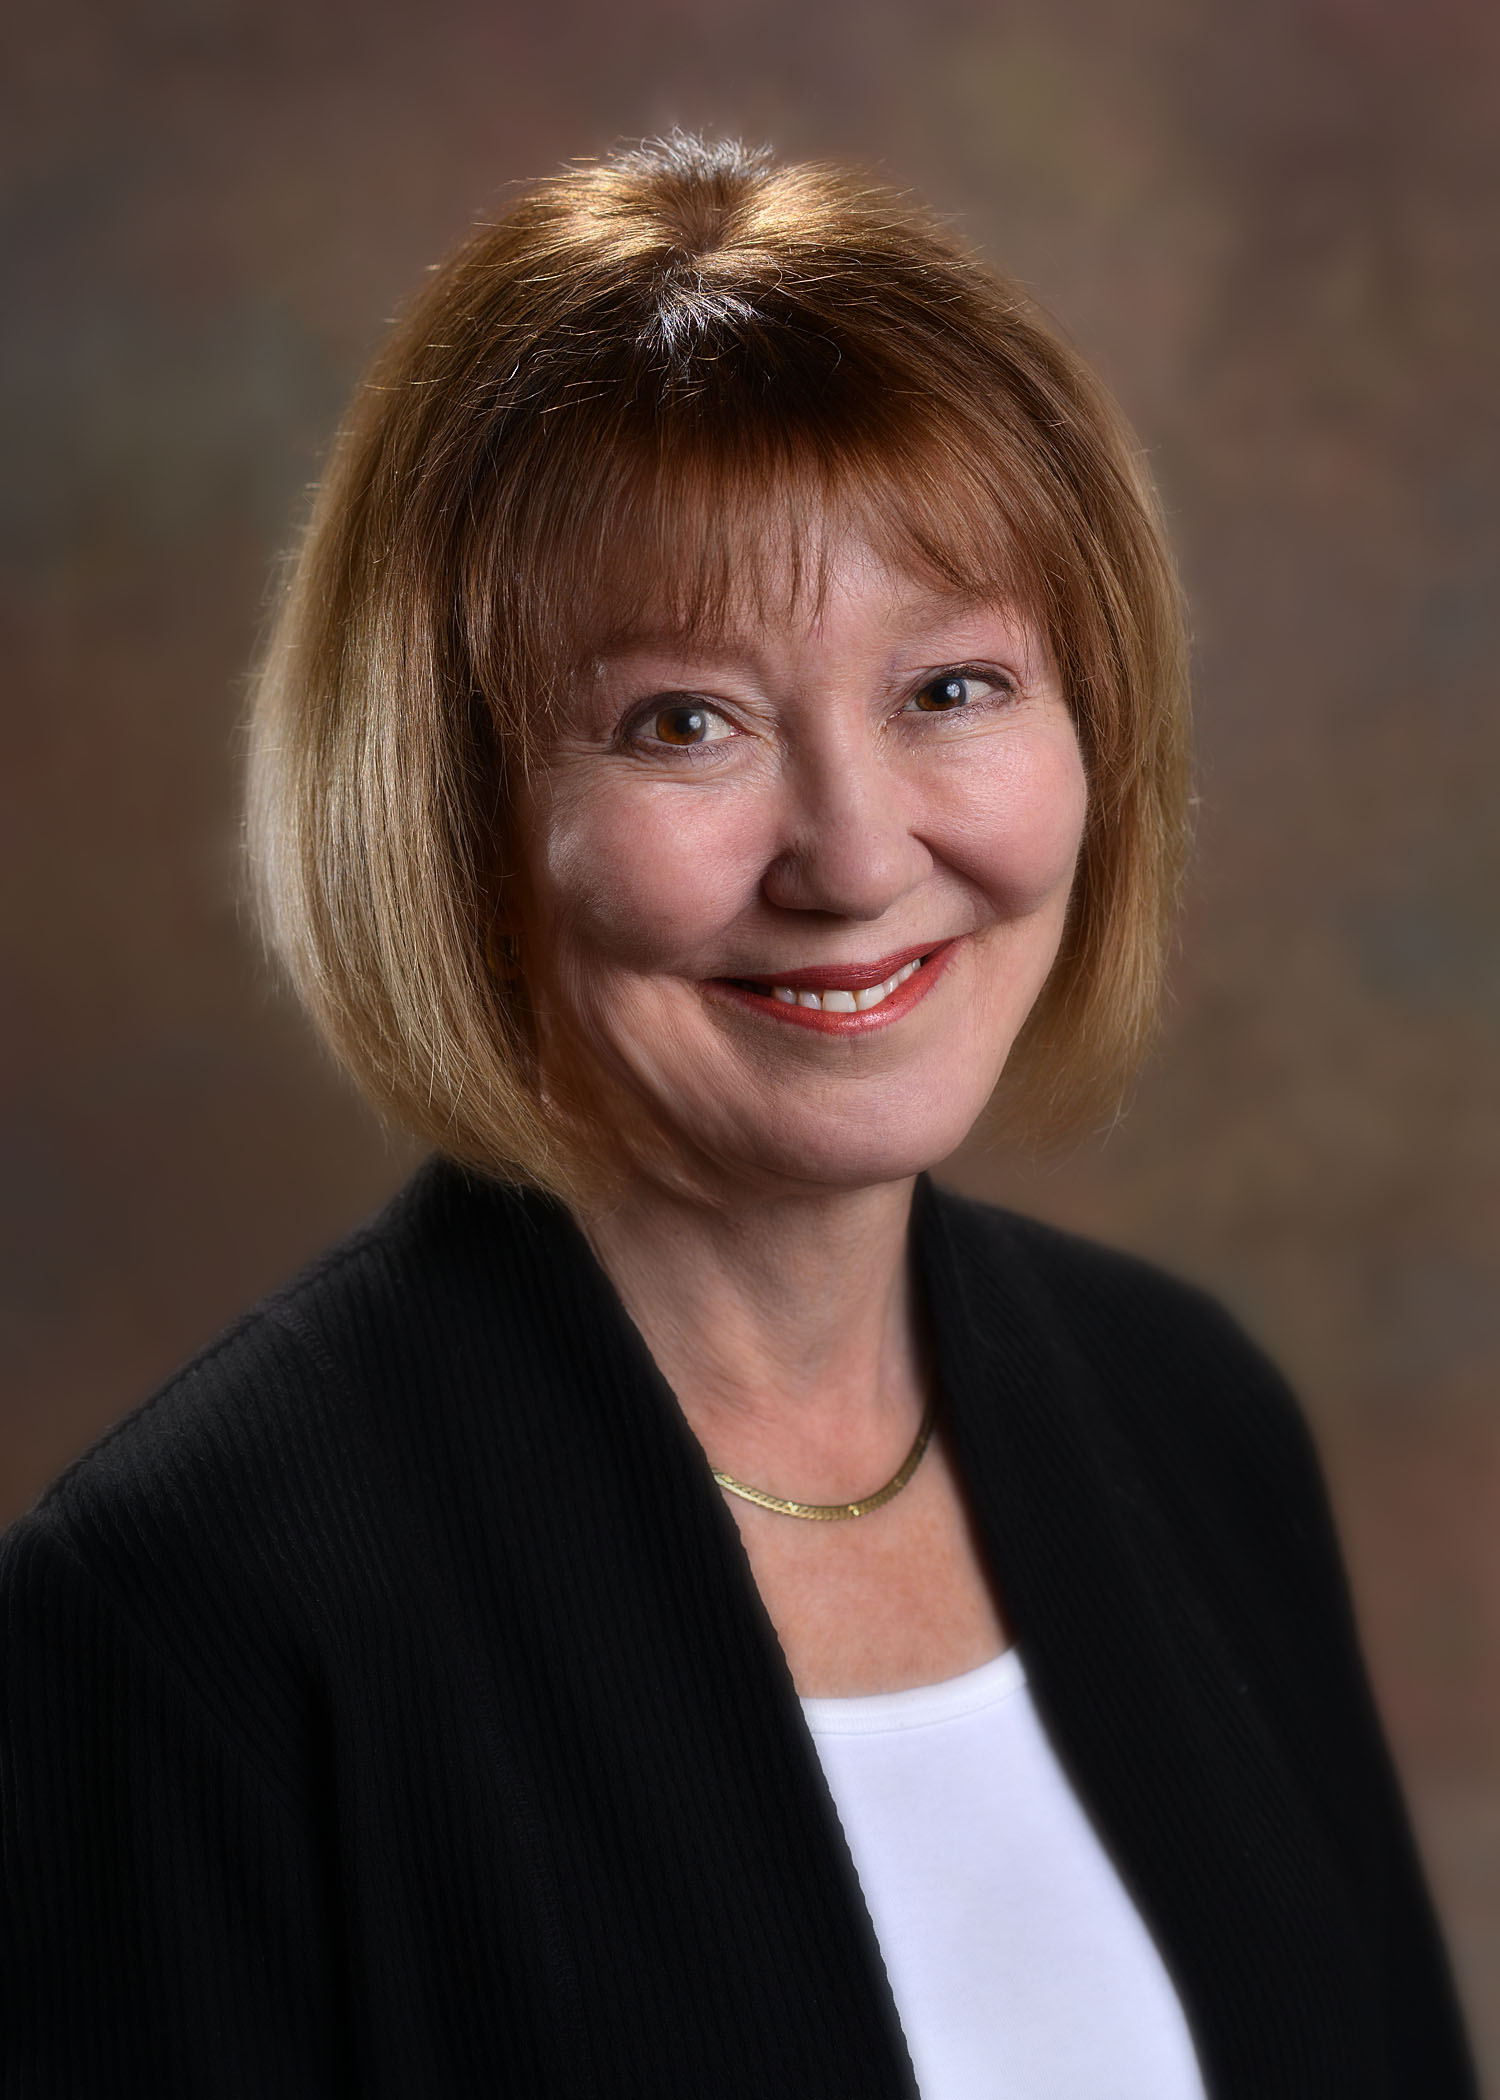 Cynthia R. Kruse